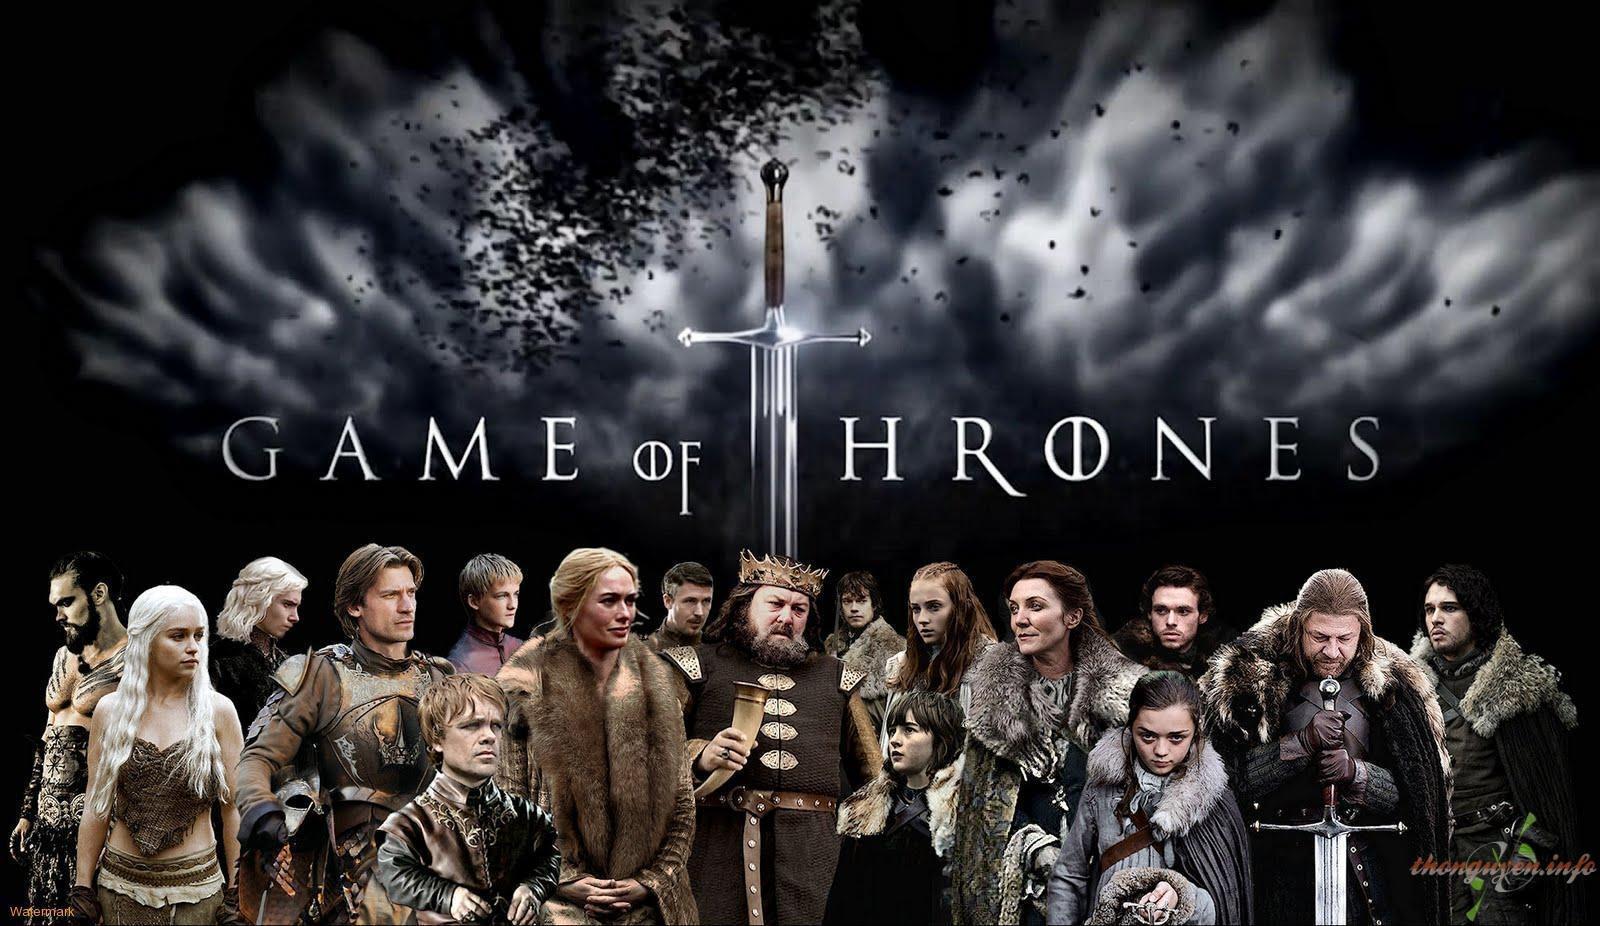 Từ mật mã tới... máy diệt drone: 1001 chiêu công phu mà Game of Thrones chống lộ kịch bản mùa 8 - Ảnh 3.